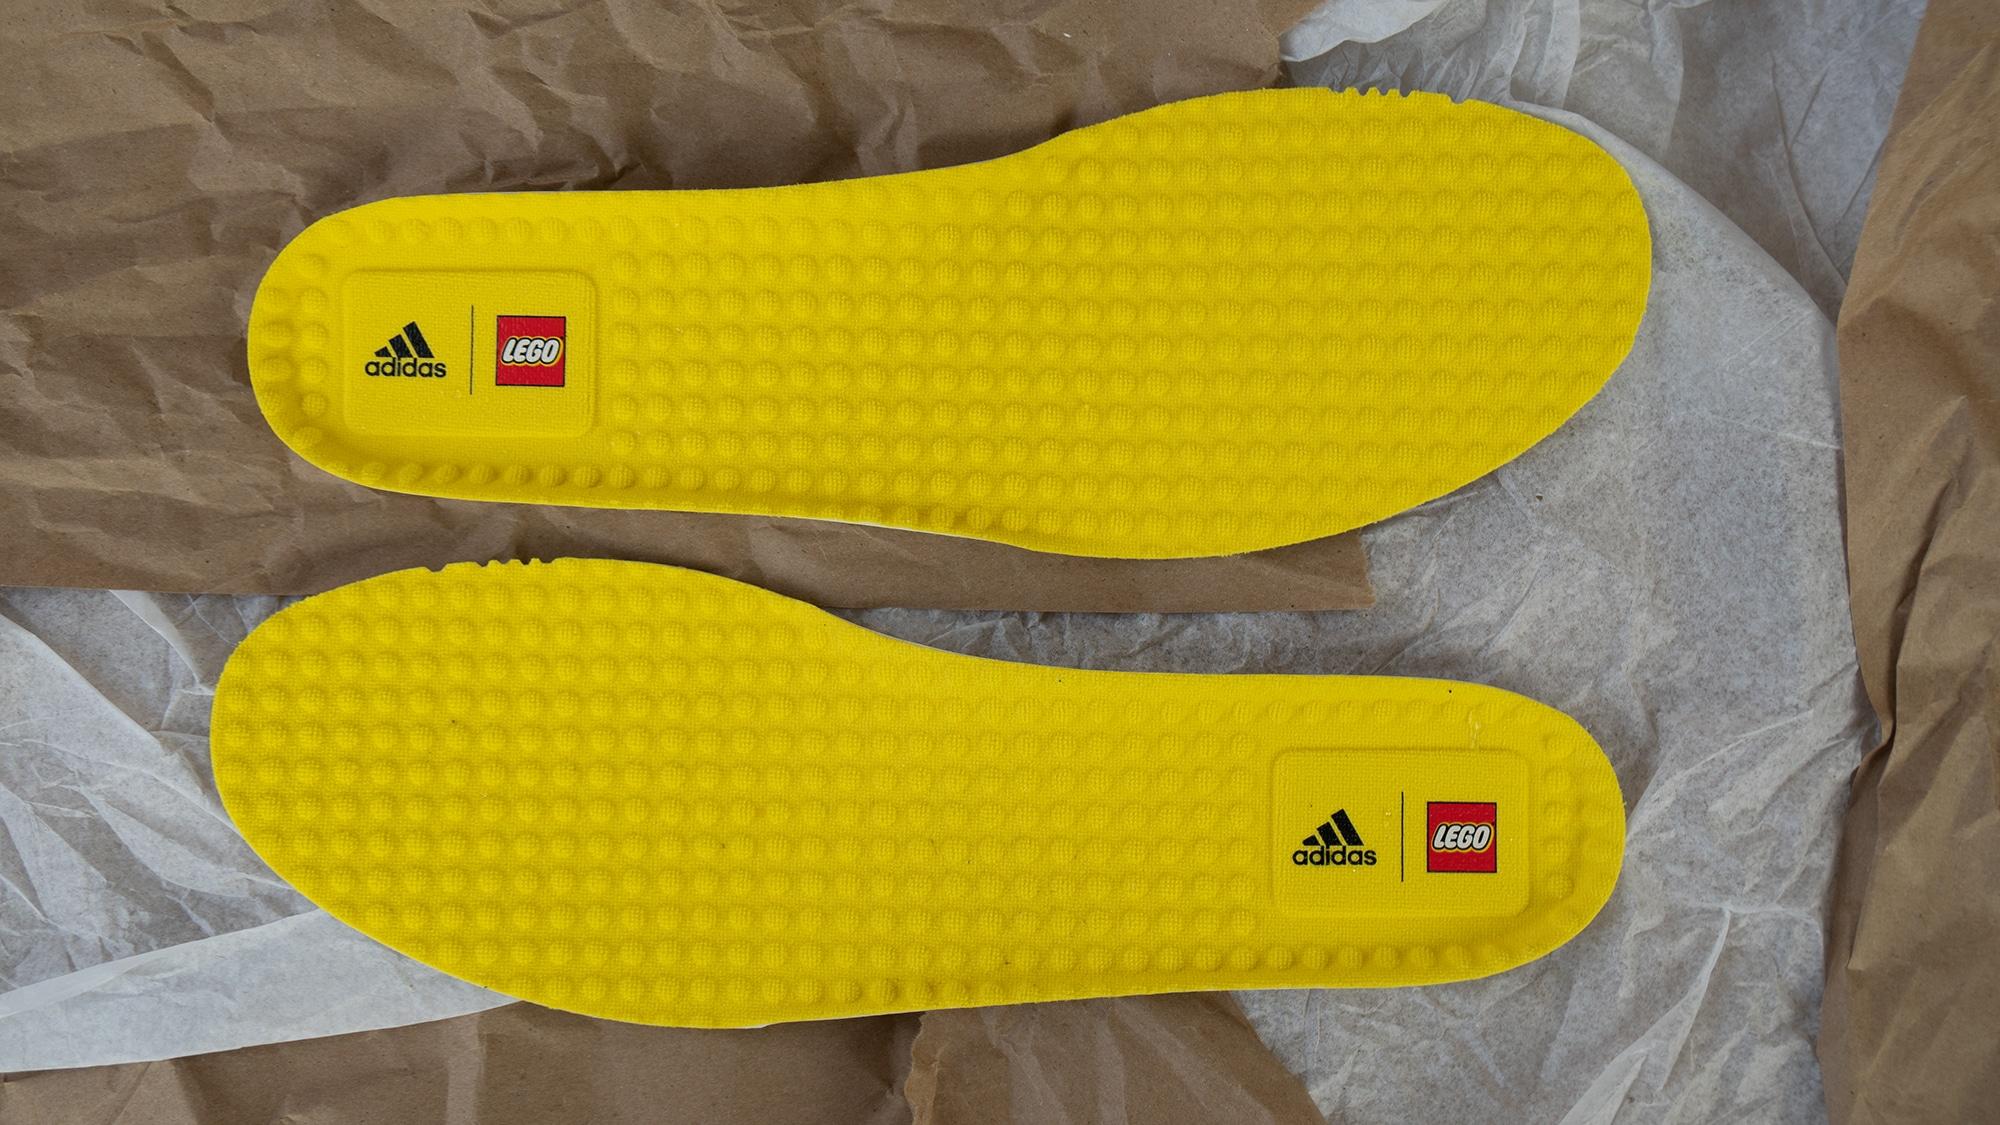 Adidas LEGO Ultra Boost Dna Einlegesohle